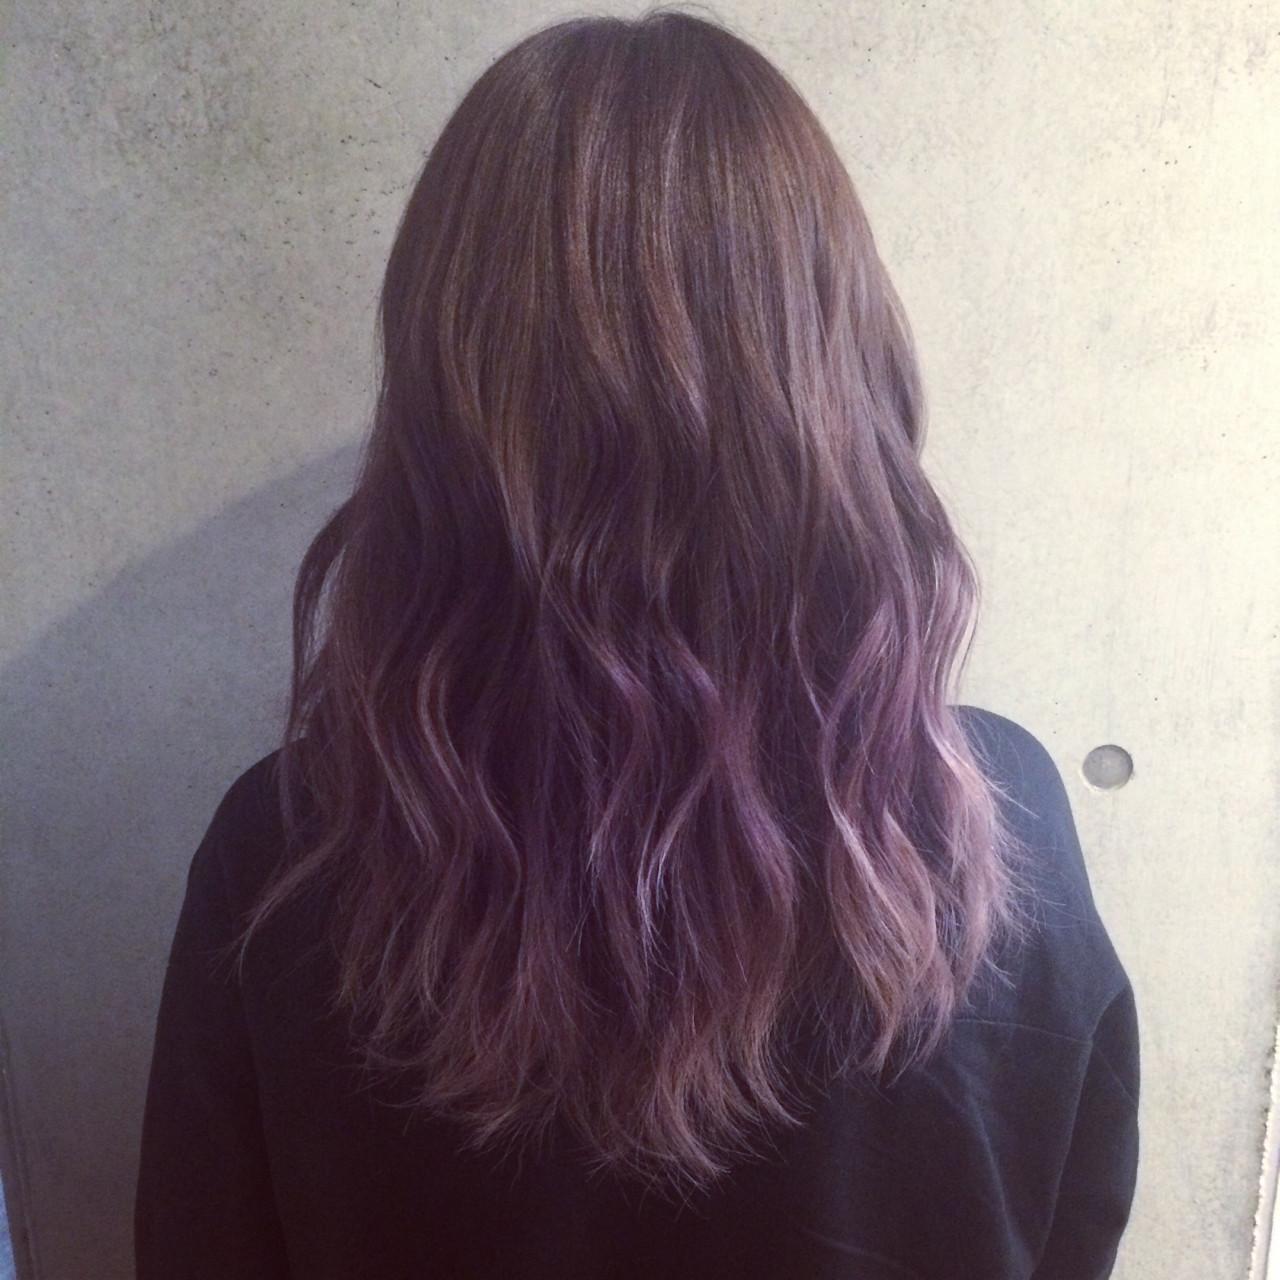 ラベンダーアッシュなあなたの髪色を旬に♪うっとり色落ちを楽しもう イッシキ ケンタ / La familia